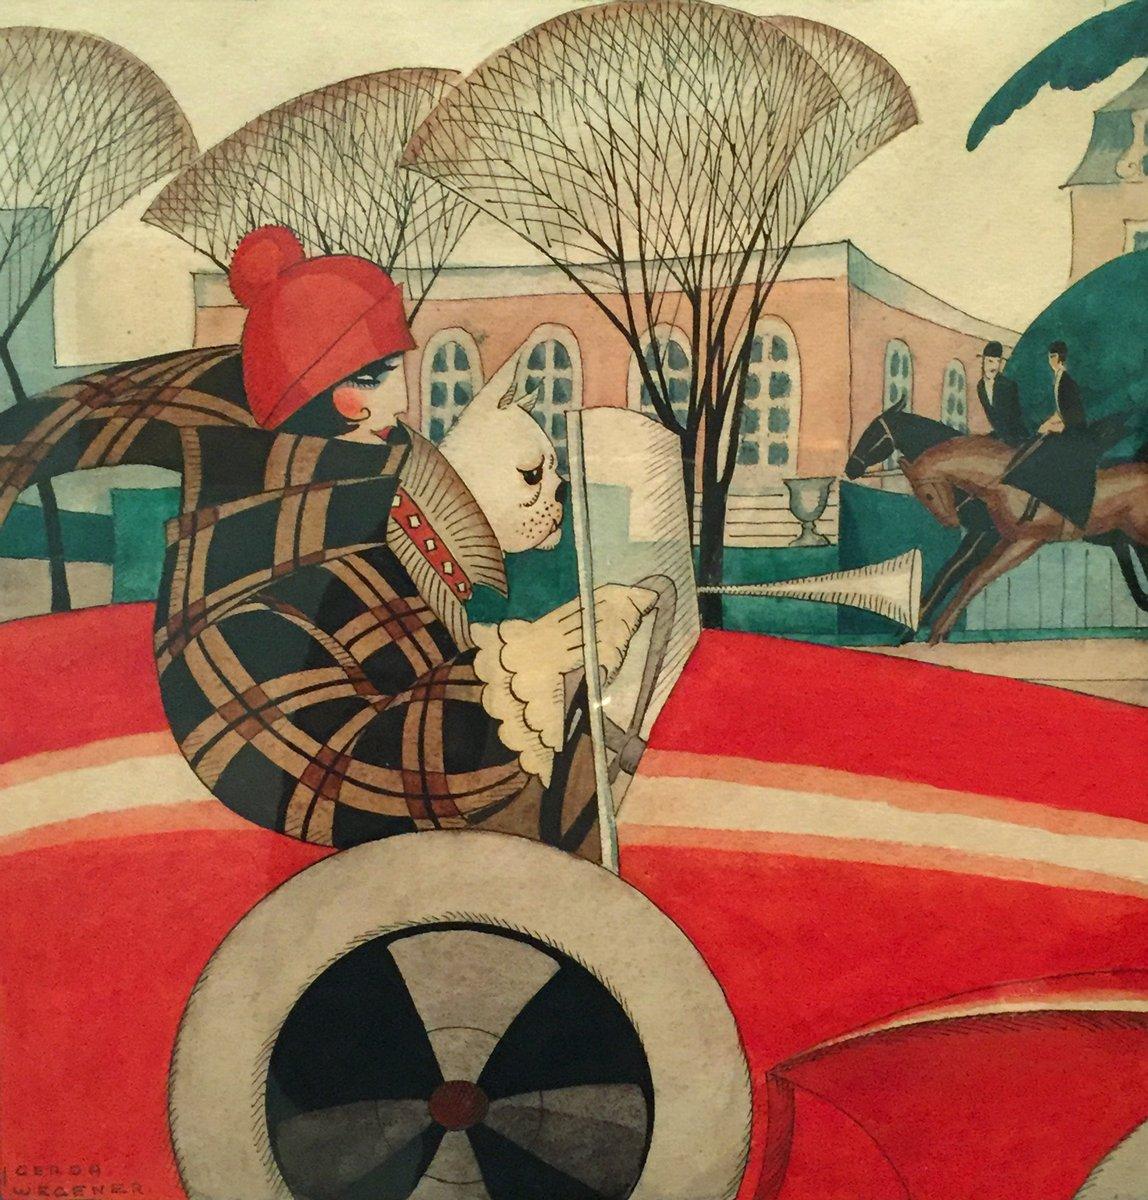 Вегенер Герда, картина Дама в красном автомобиле с собакойВегенер Герда<br>Репродукция на холсте или бумаге. Любого нужного вам размера. В раме или без. Подвес в комплекте. Трехслойная надежная упаковка. Доставим в любую точку России. Вам осталось только повесить картину на стену!<br>